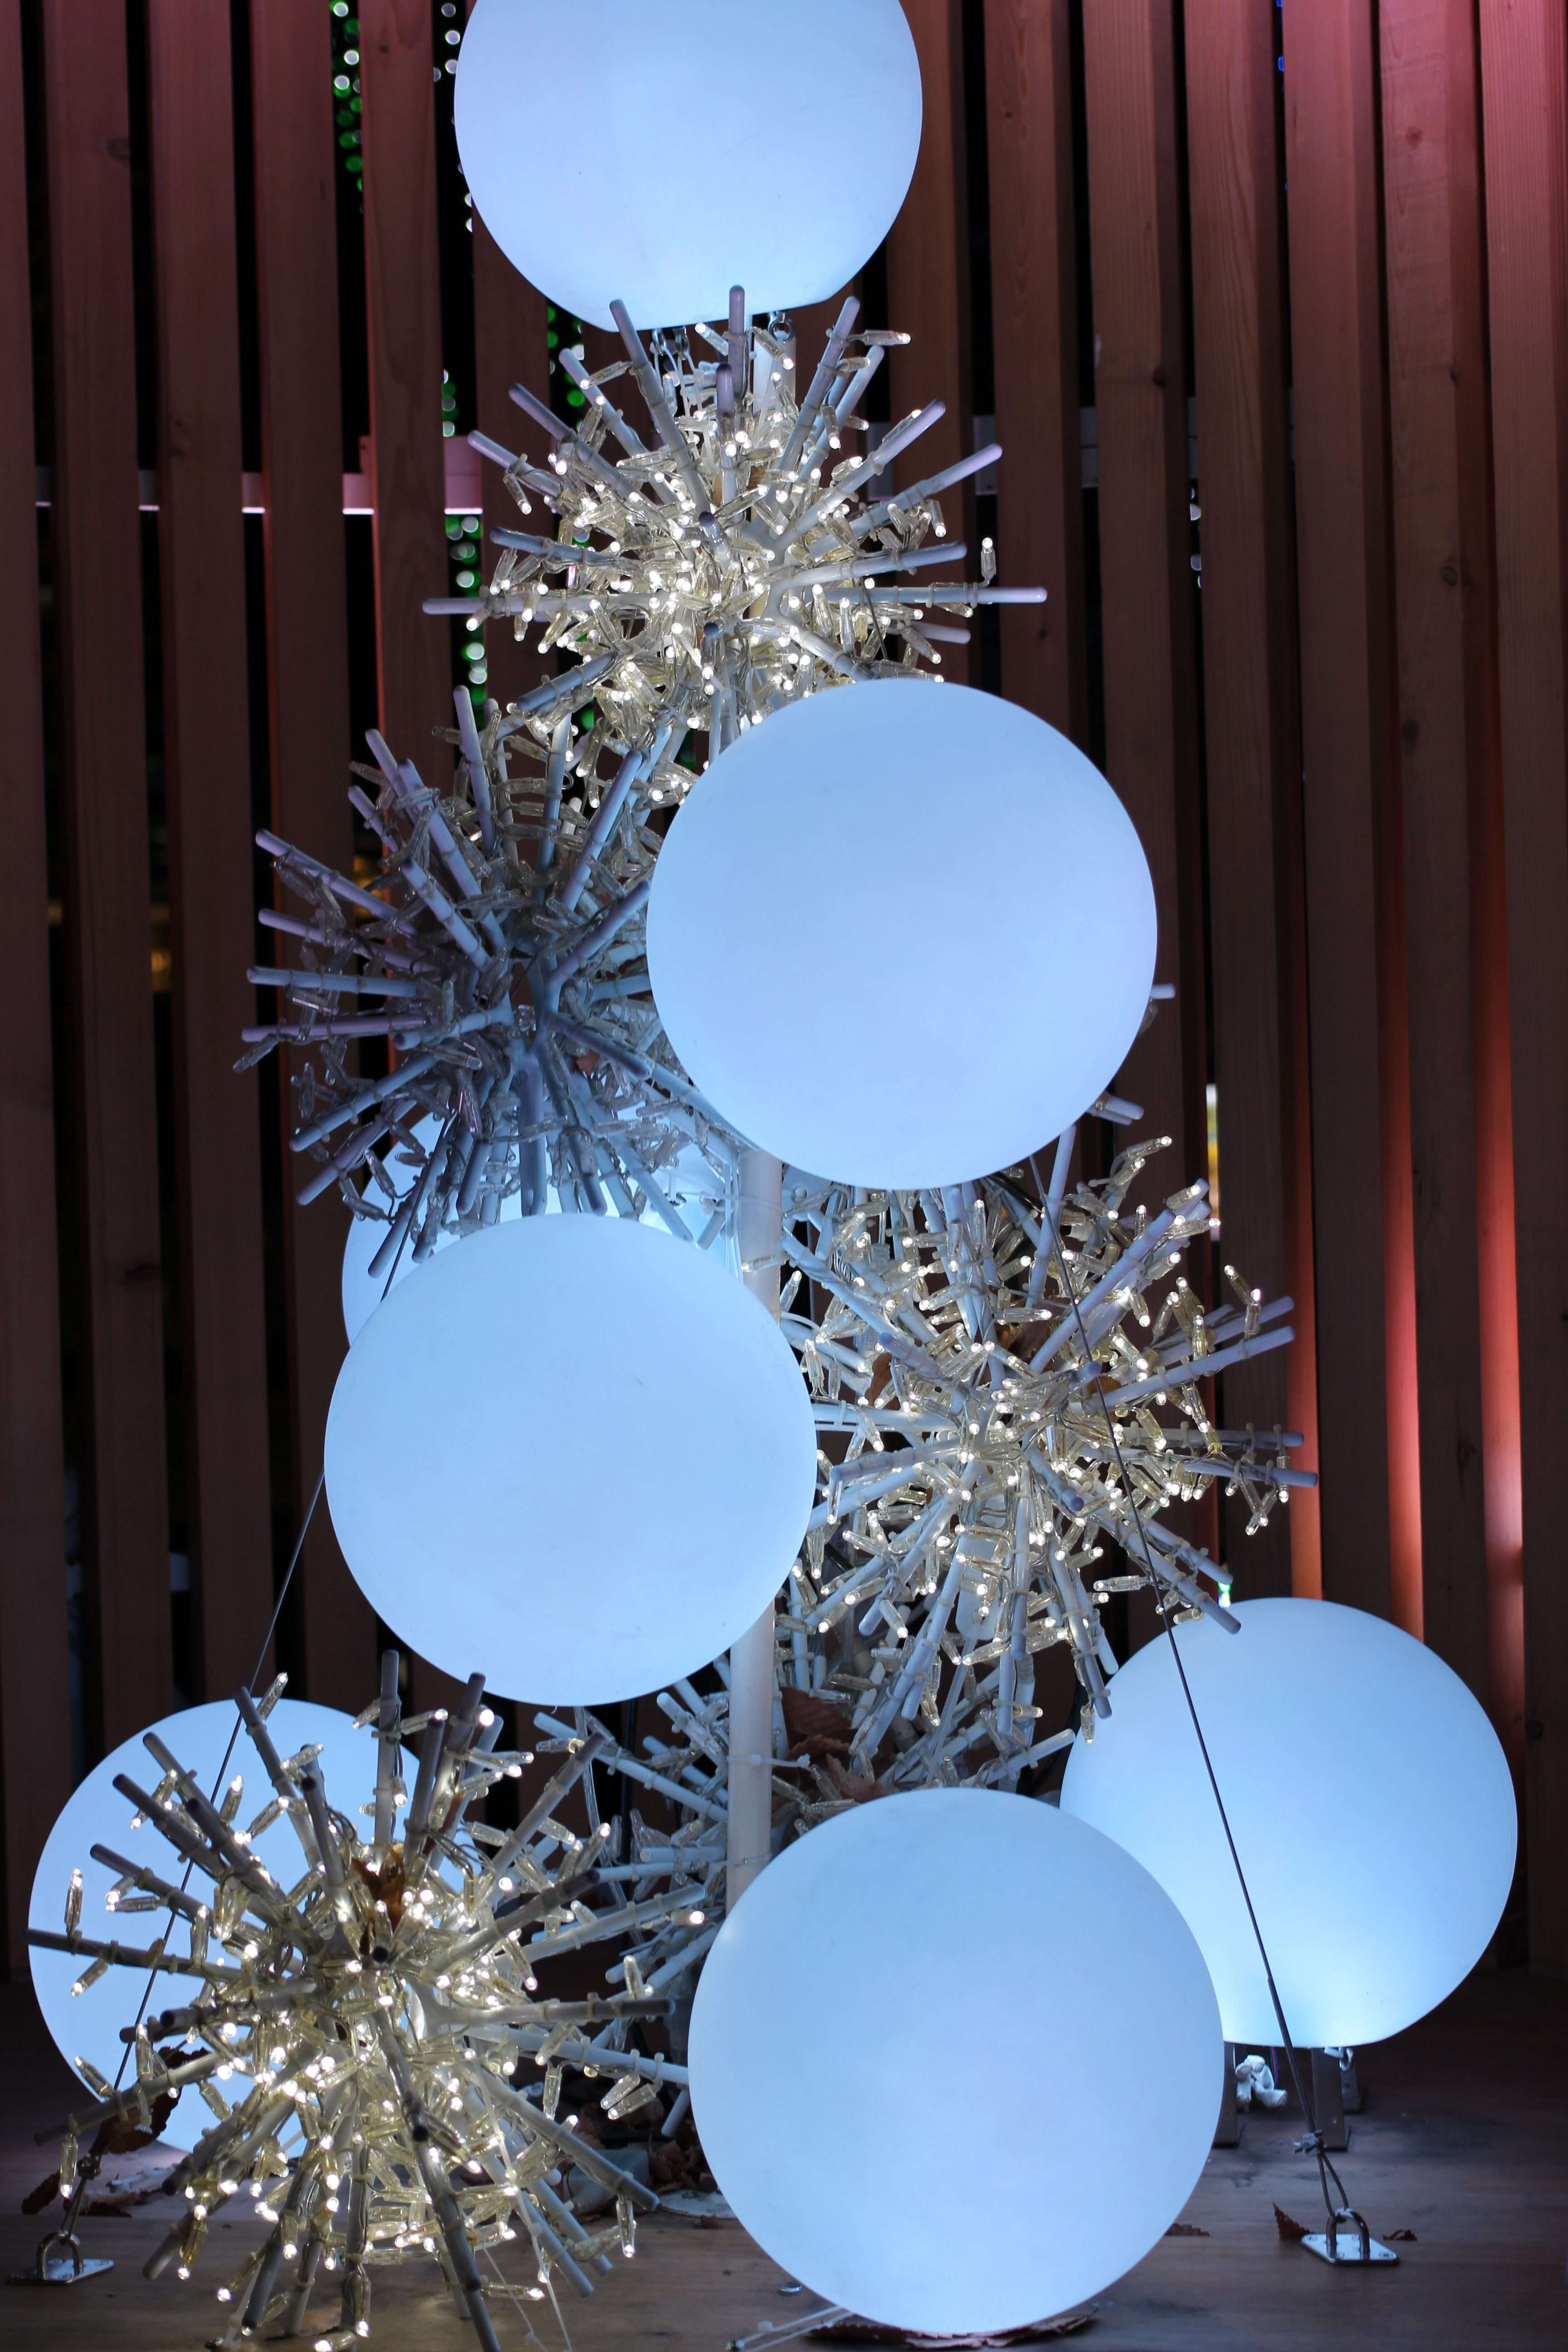 Winter Night Illumination Keyaki Hiroba (1)